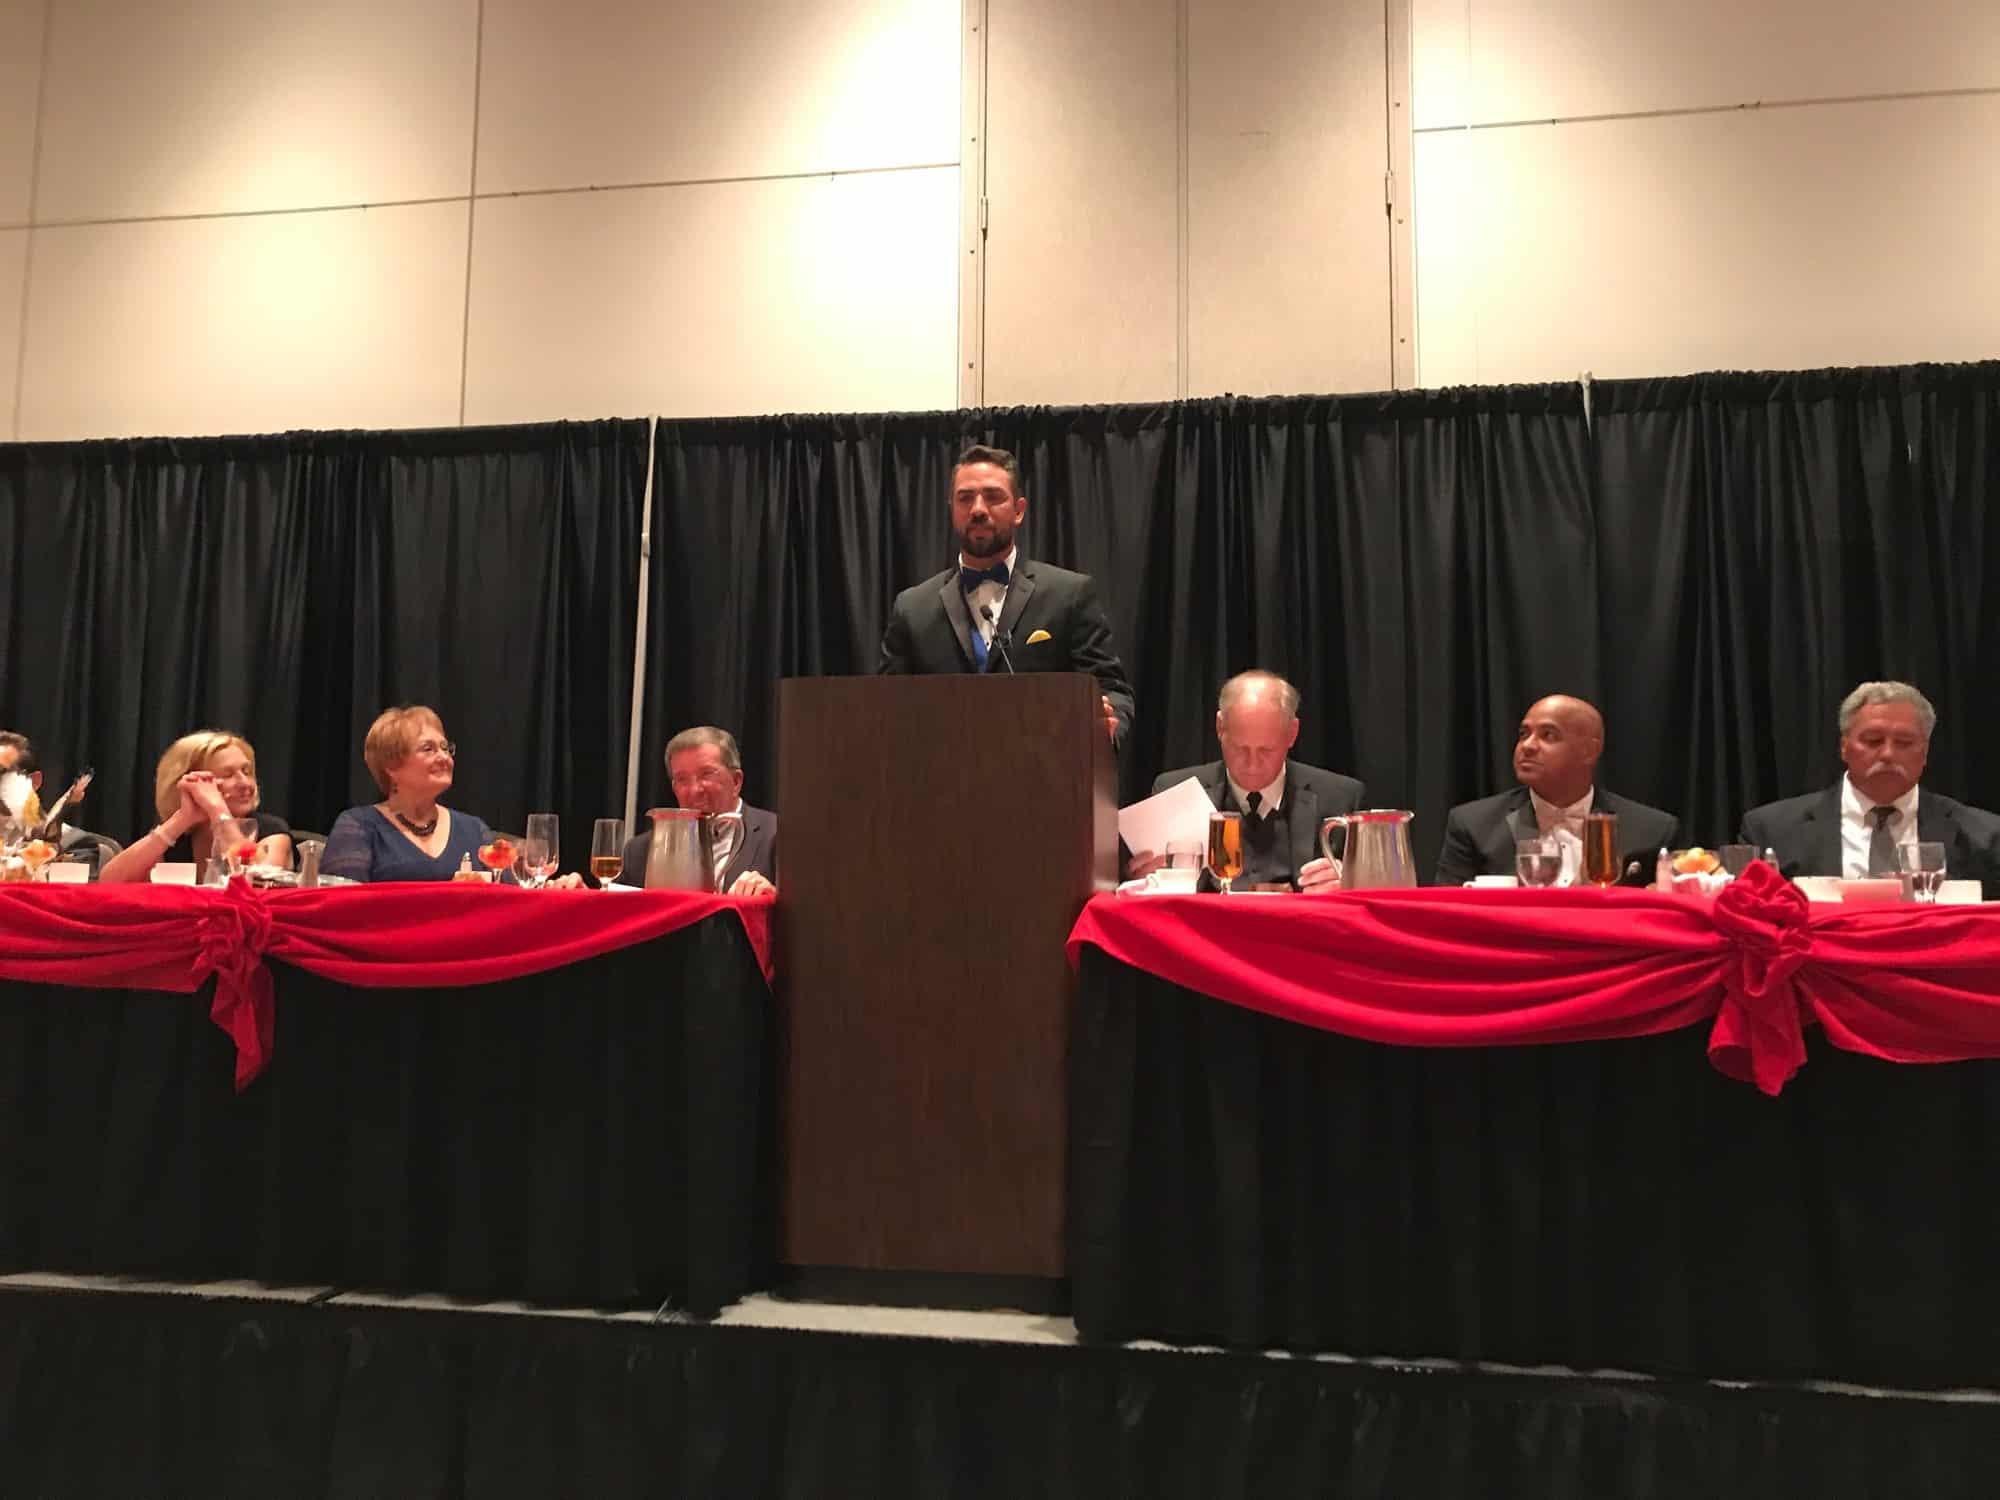 Nelson Figueroa speech